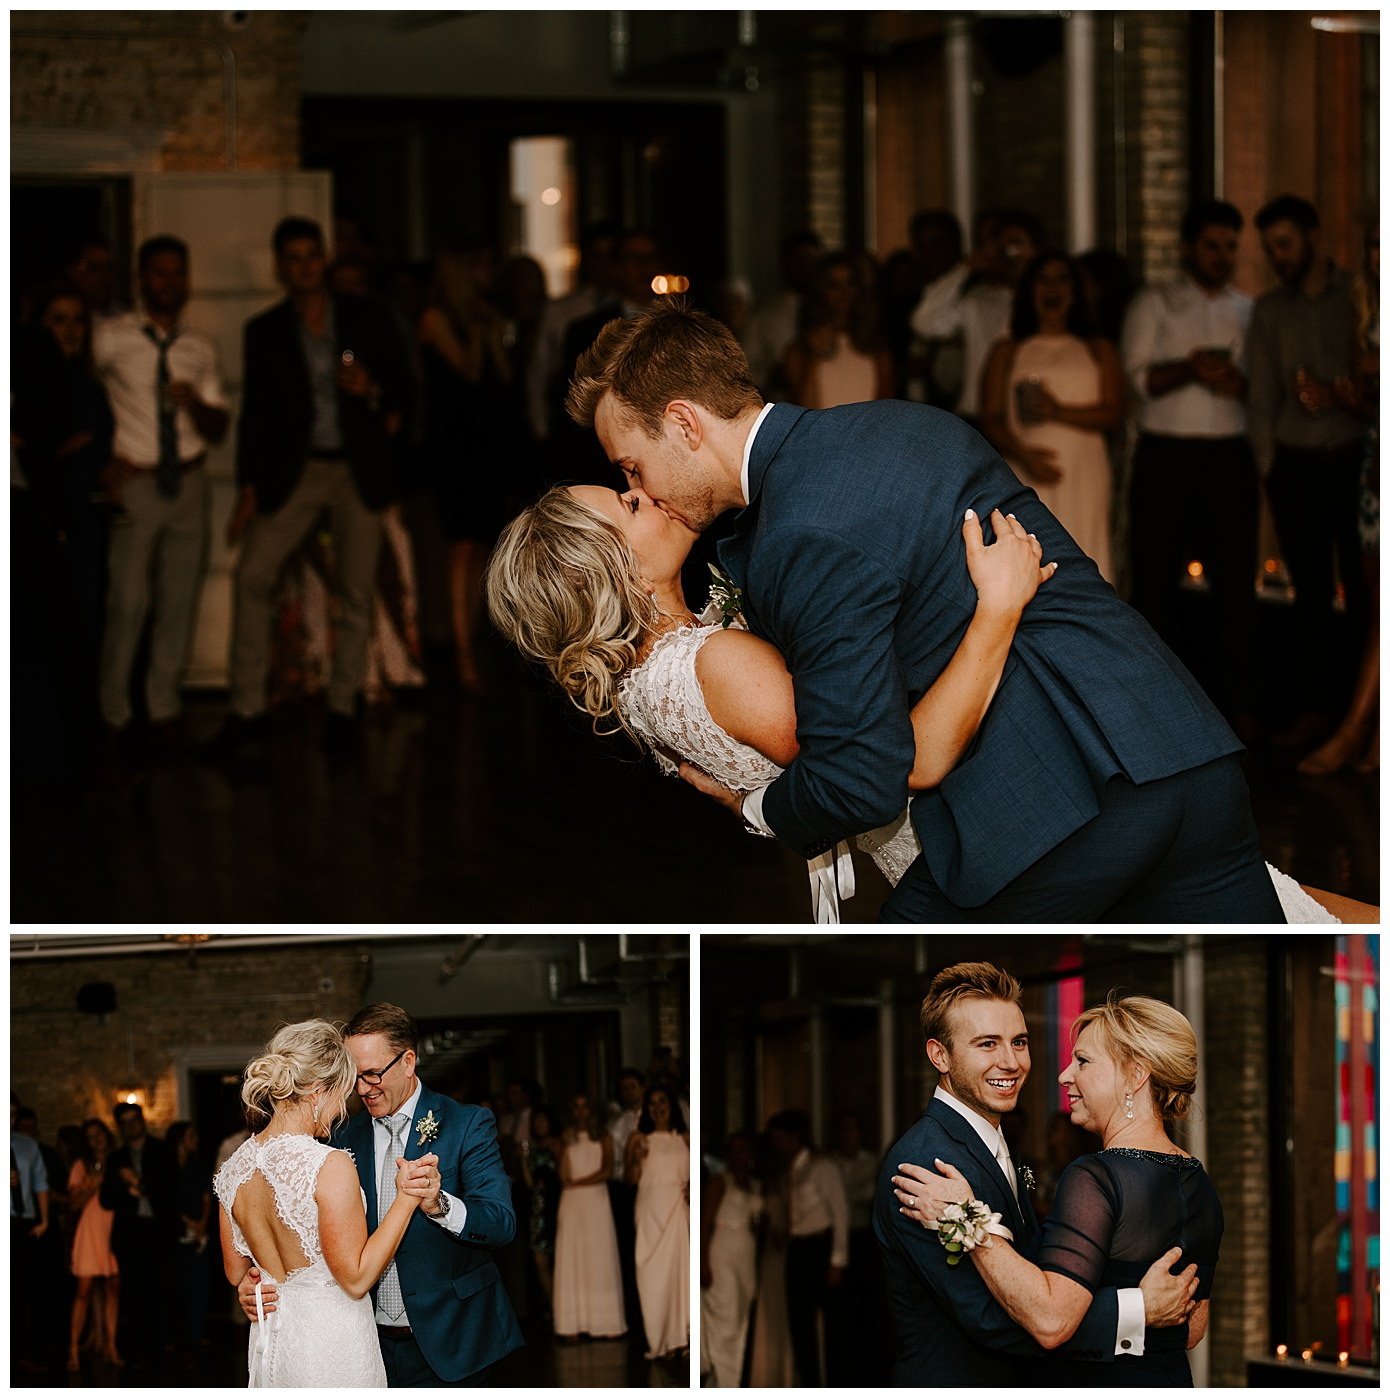 lumber exchange wedding minneapolis mn_0406.jpg